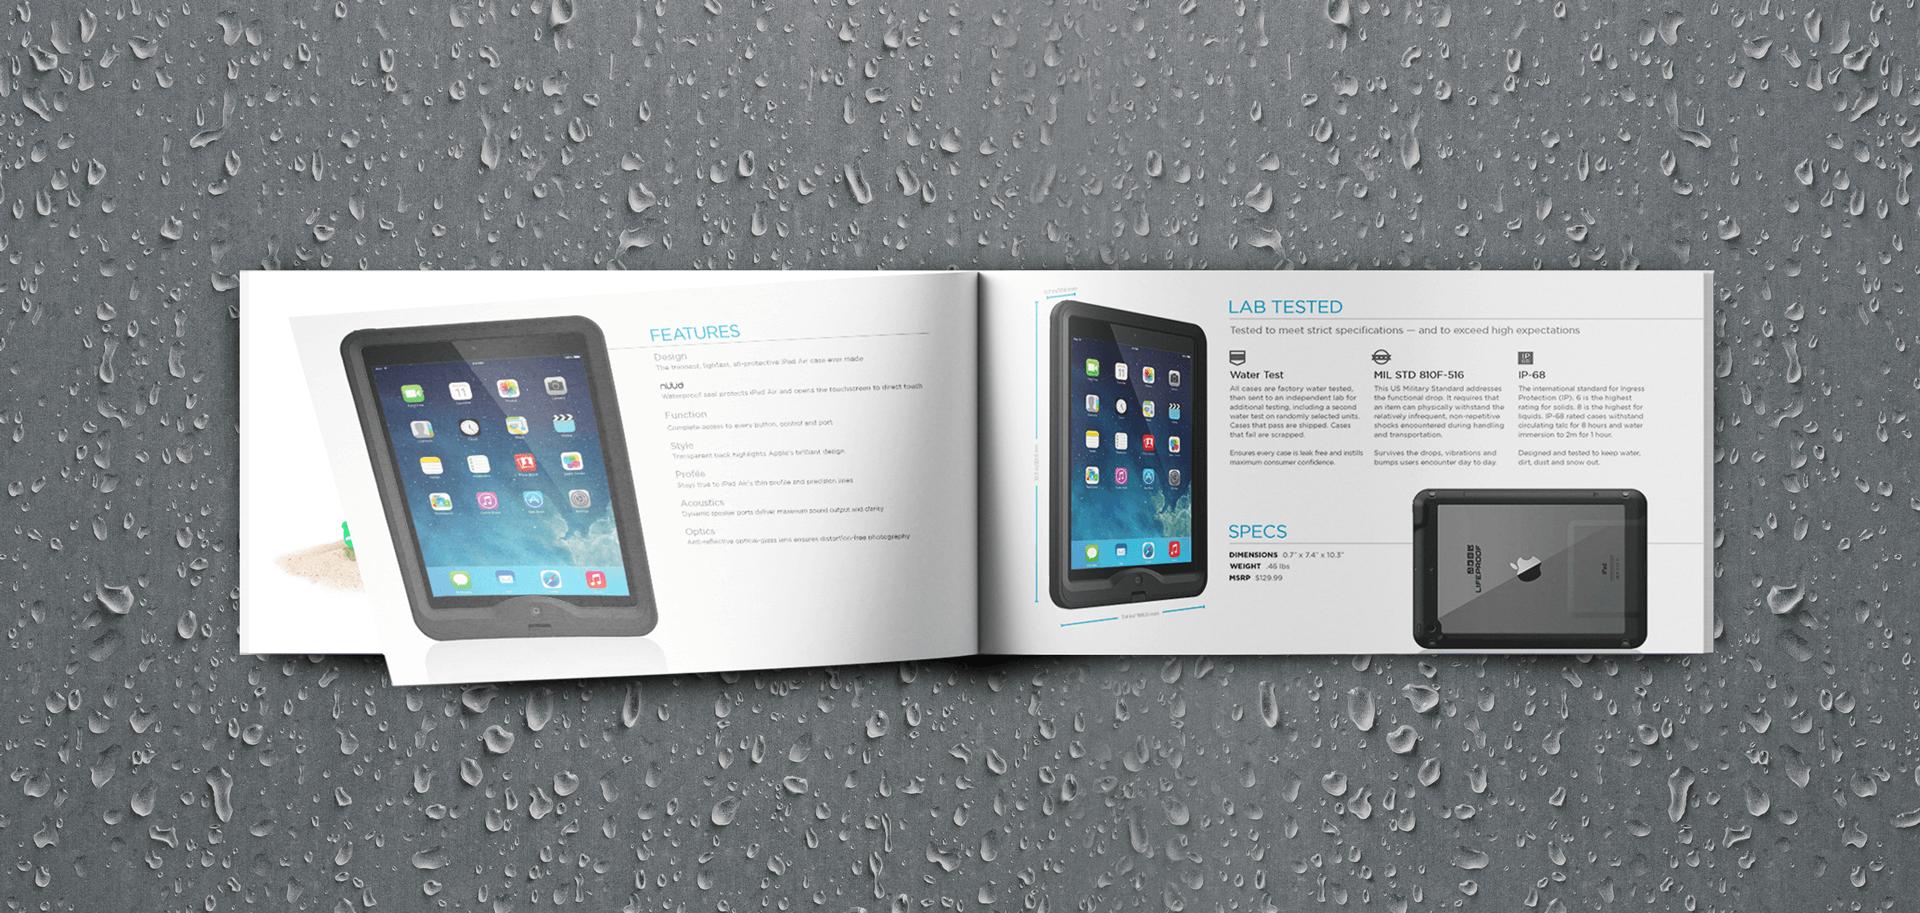 Lifeproof product brochure mockup